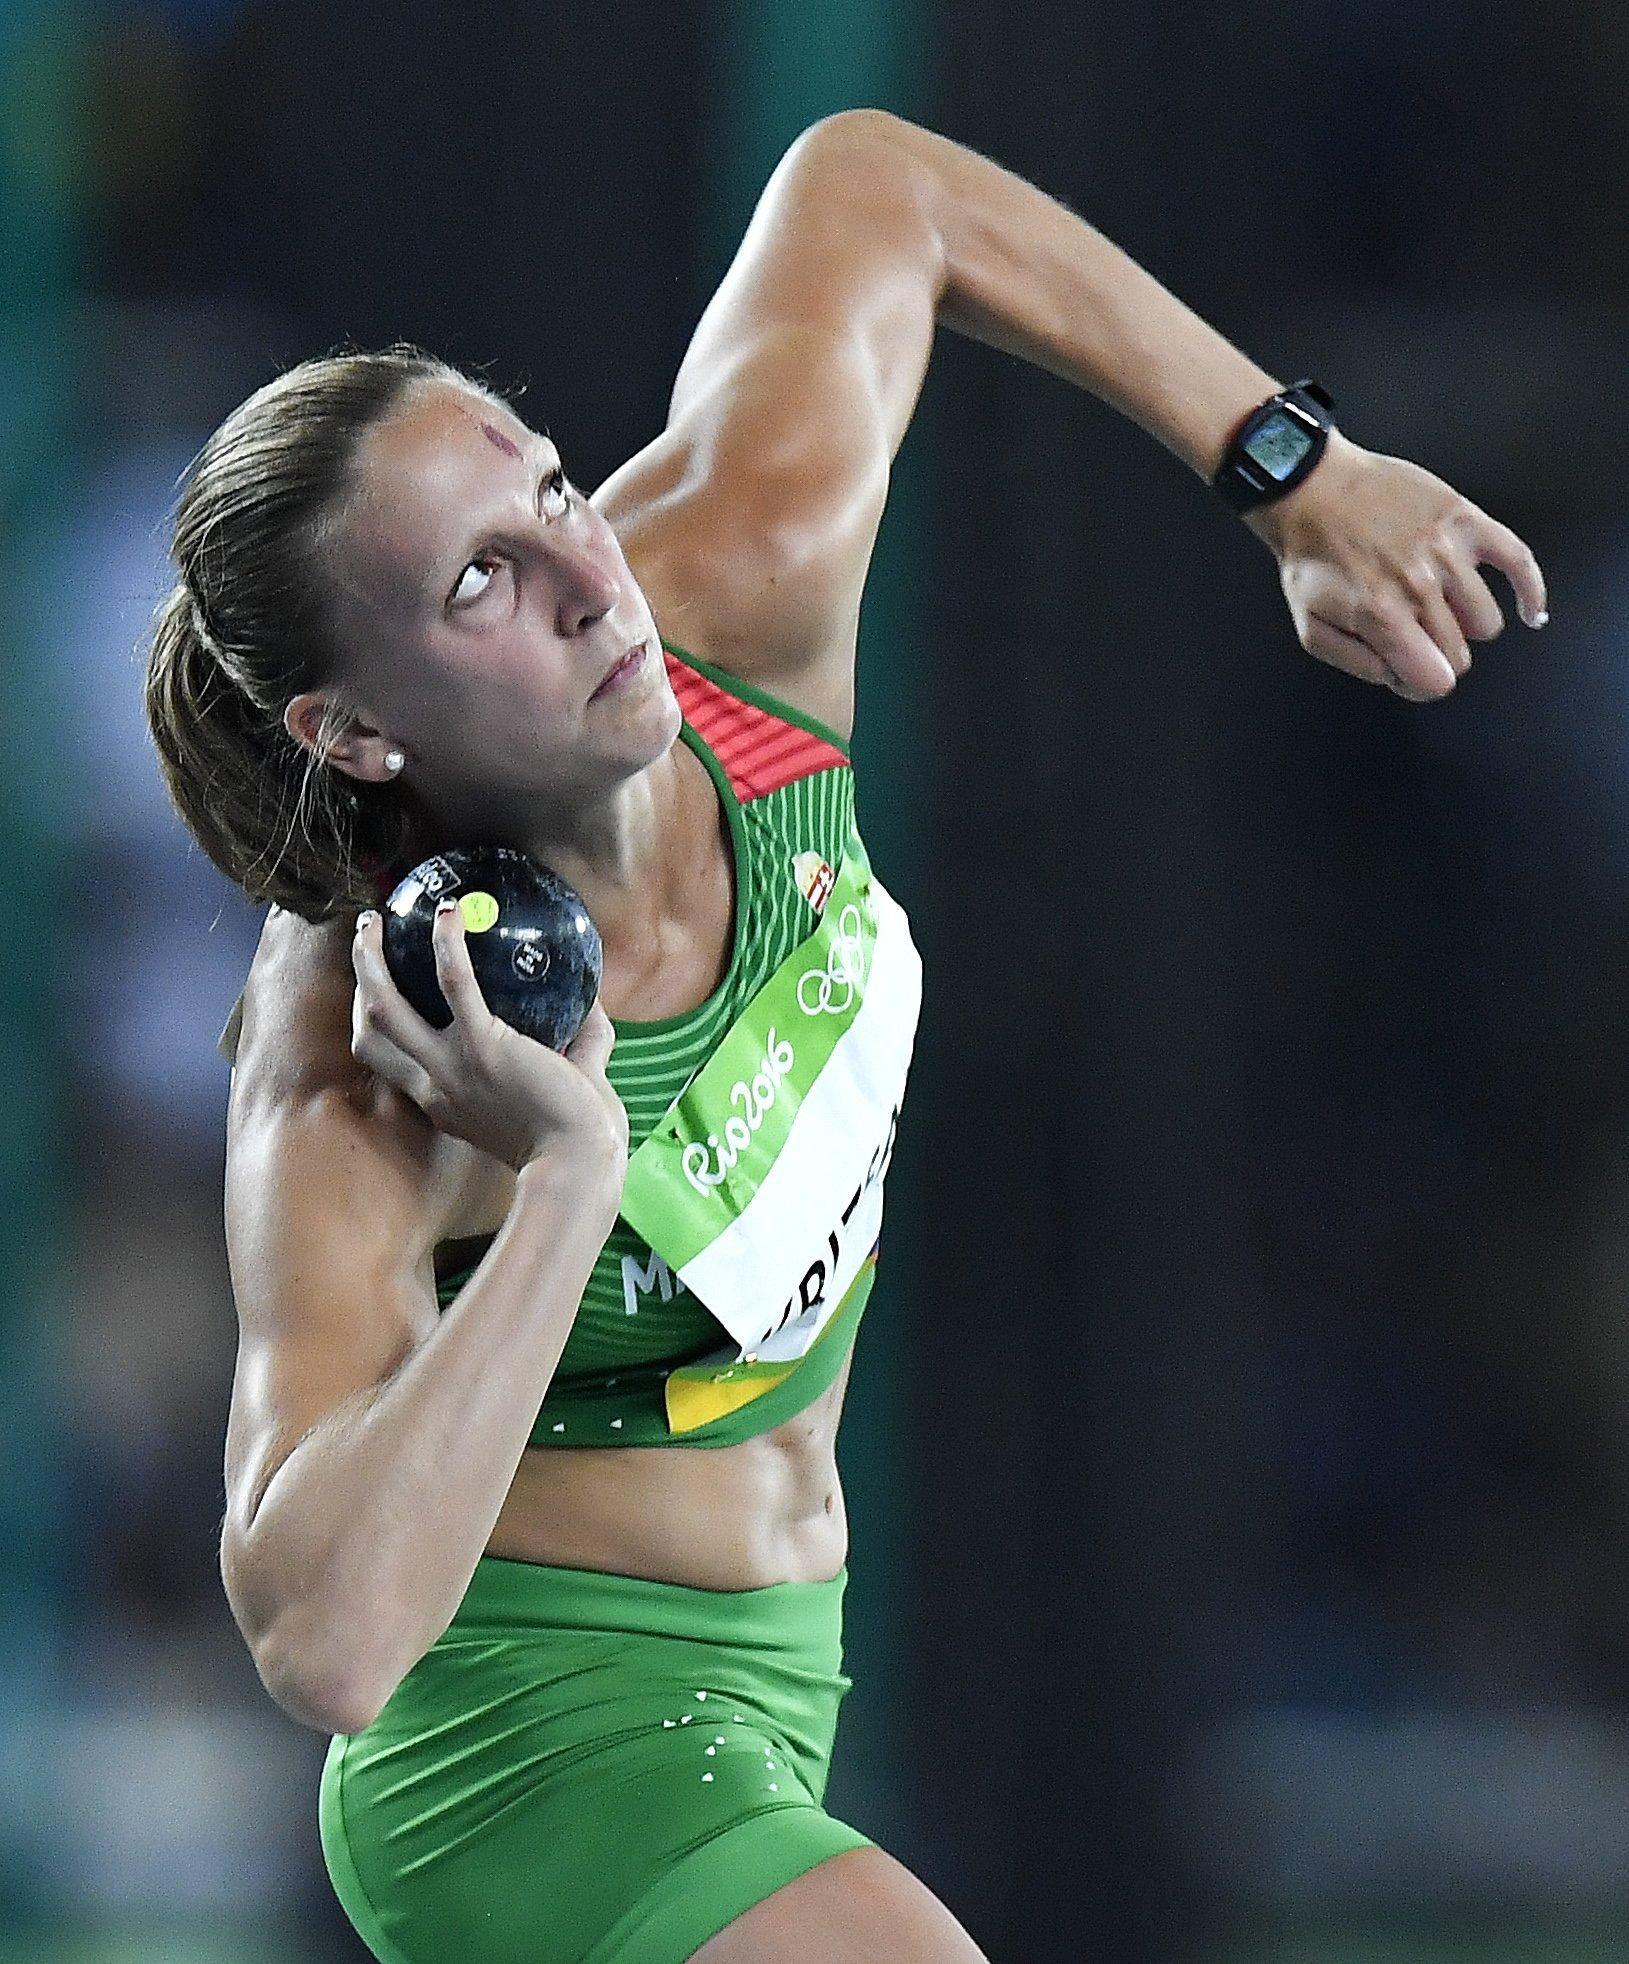 Krizsán Xénia a riói nyári olimpia női hétpróba súlylökés versenyszámában (Fotó: MTI)